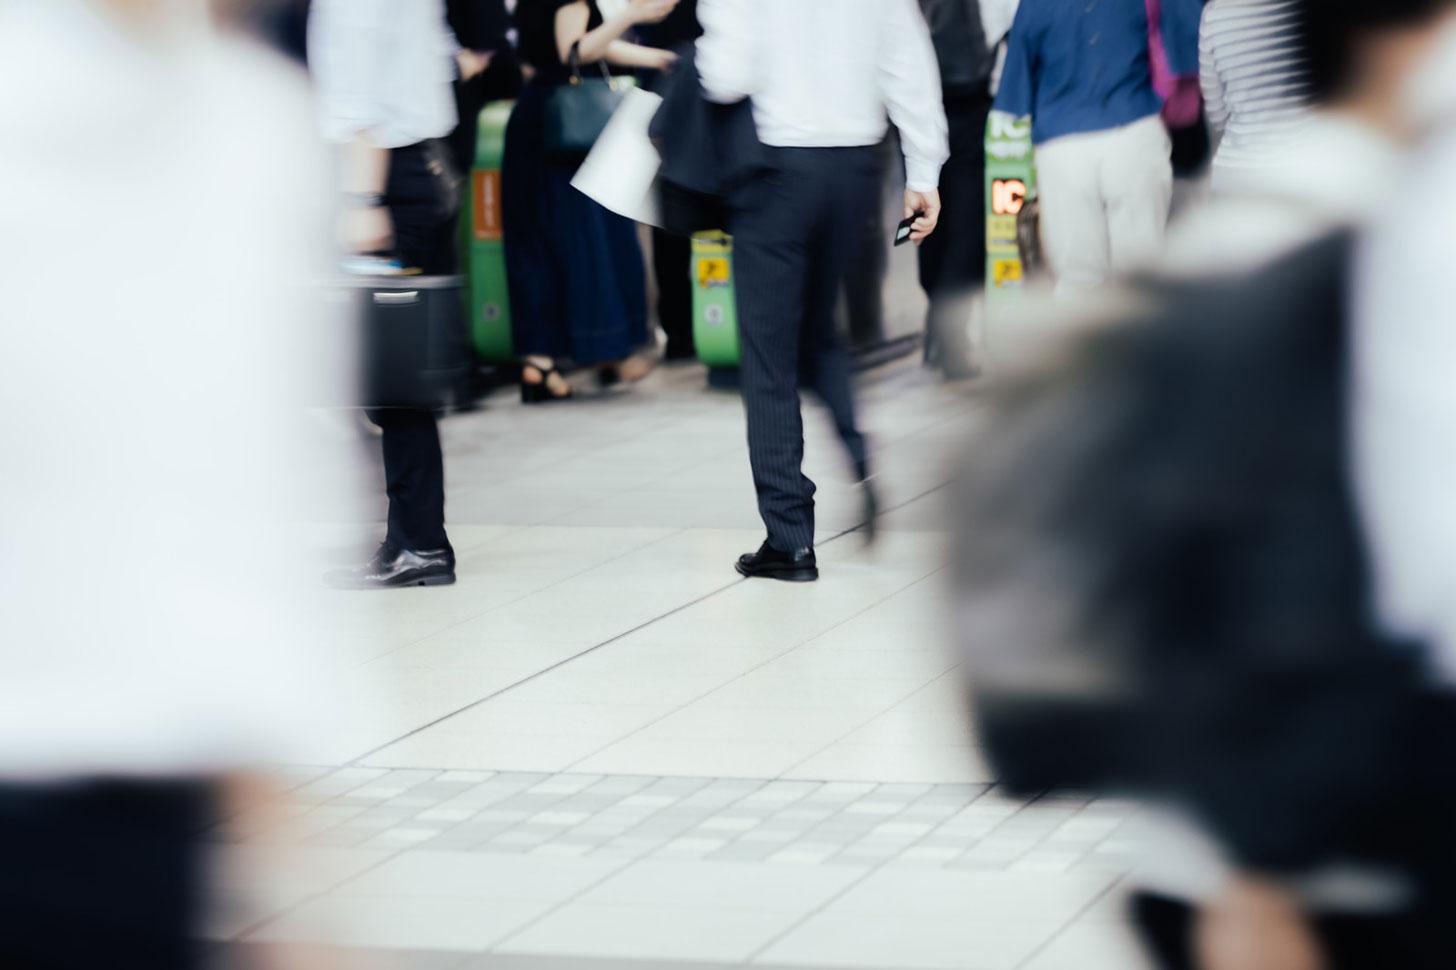 横浜駅、台風による電車の運行状況・最新情報を知れるツイッターアカウントまとめ